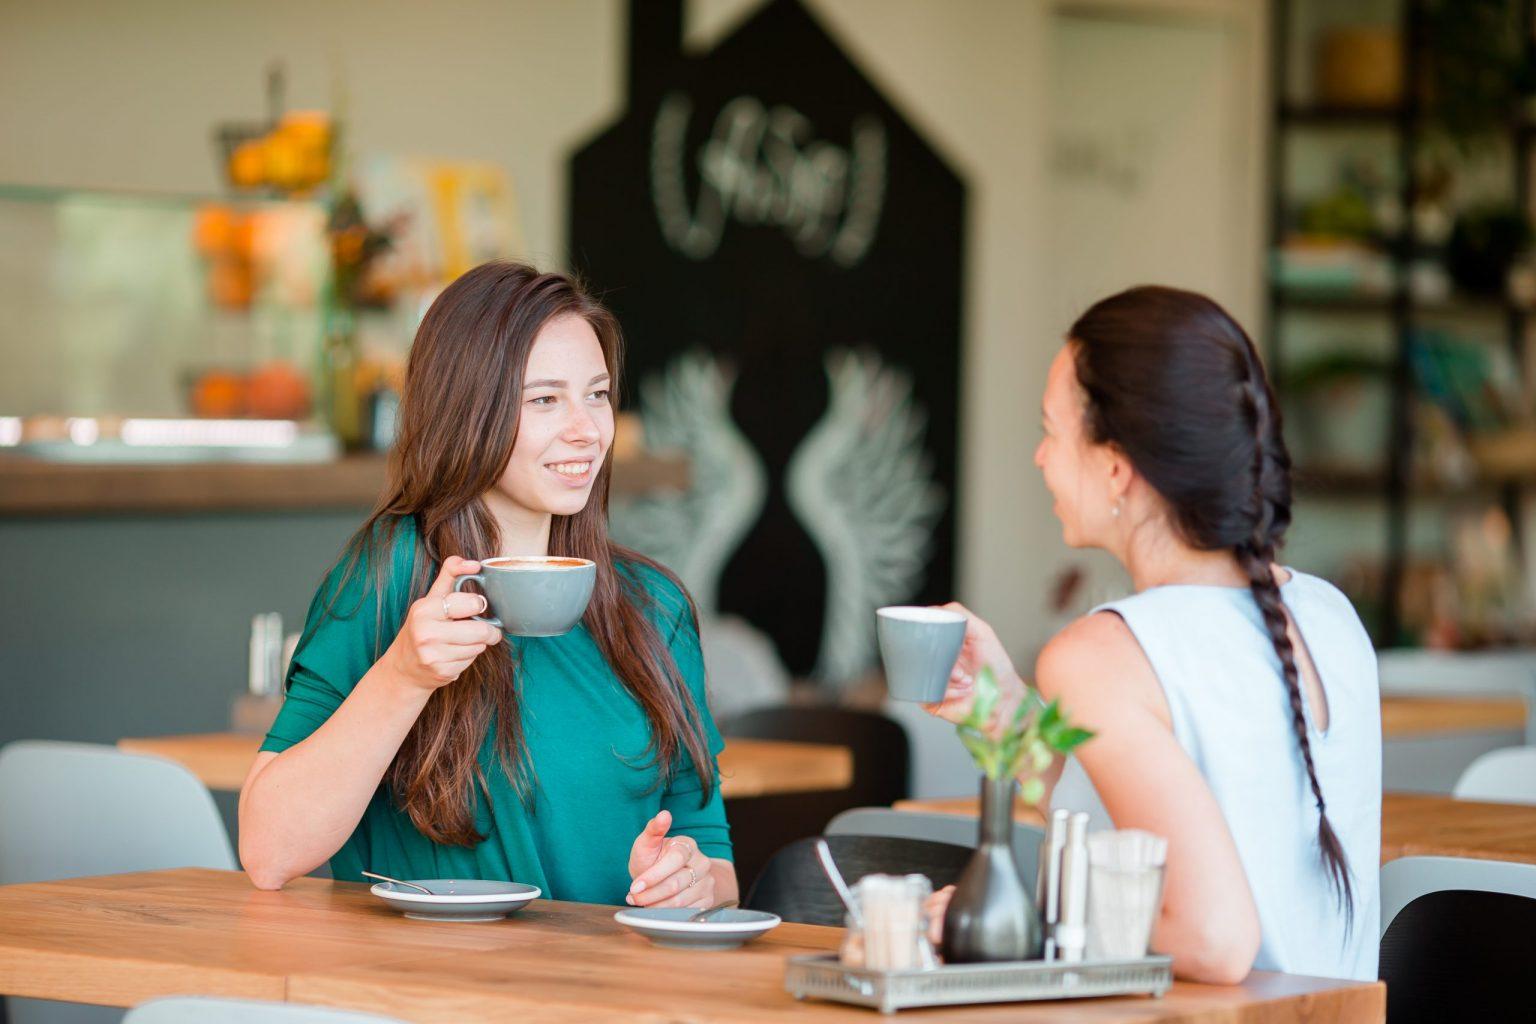 2 cô gái trẻ vừa uống cafe vừa trò chuyện trong nụ cười